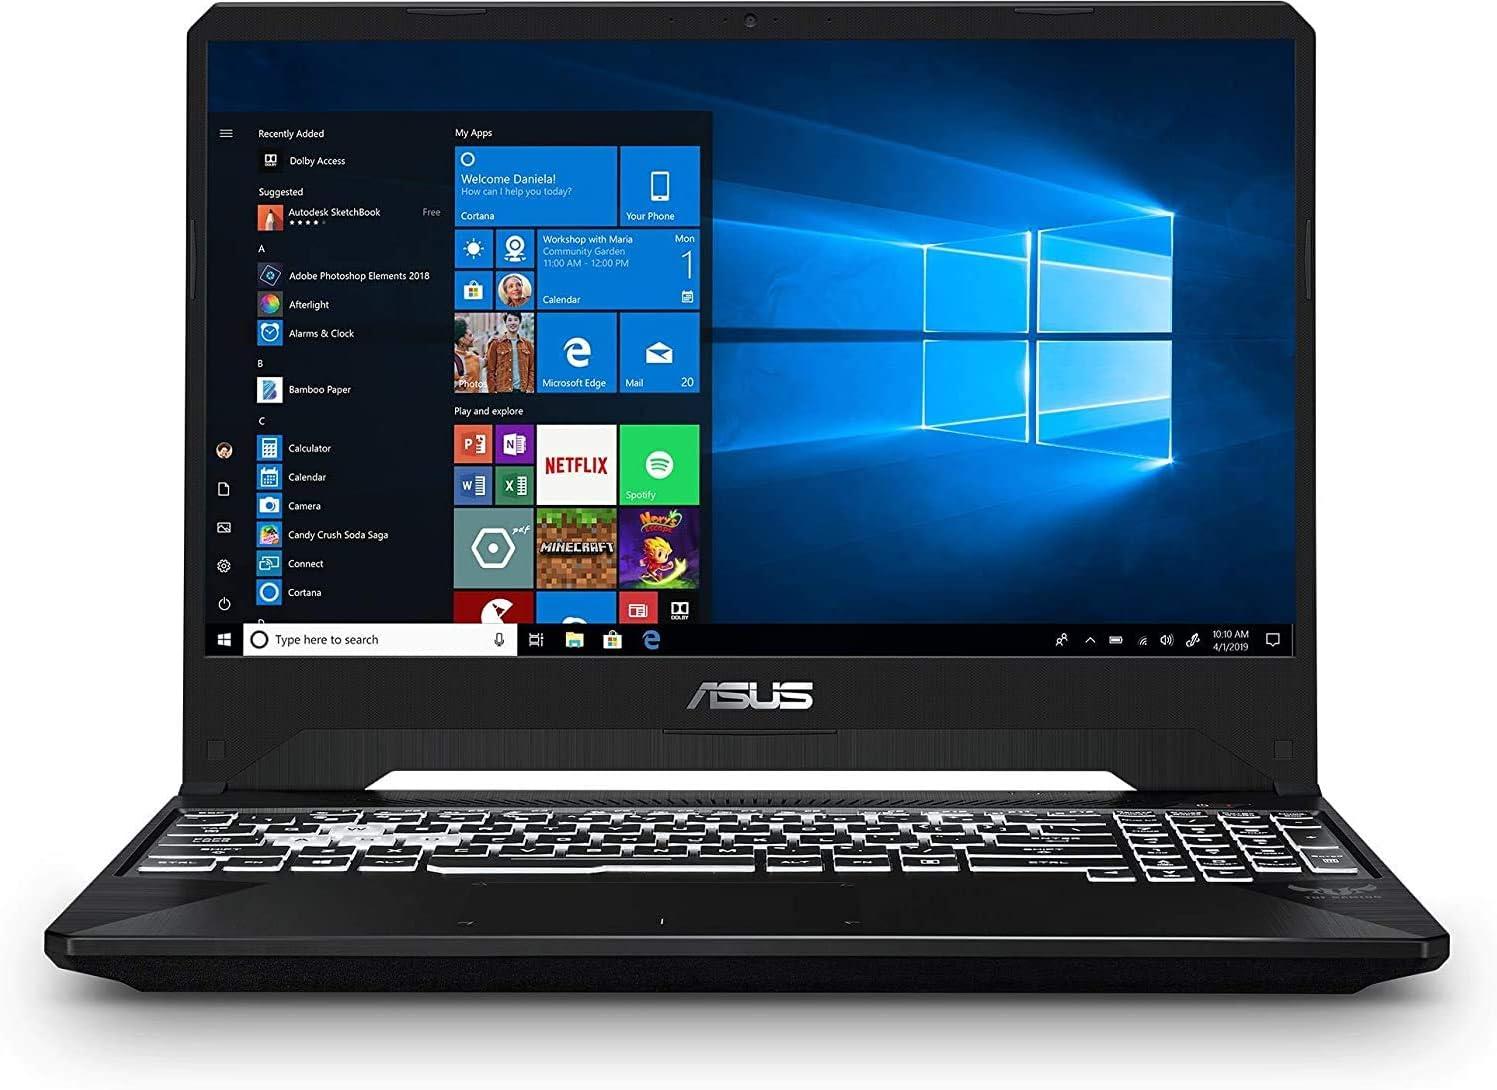 """ASUS TUF 15.6"""" Full HD Display Gaming Laptop, AMD Quad-Core Ryzen 5 3550H, 8GB DDR4, 256GB PCIe SSD, 4GB GTX 1650, RGB Backlit Keyboard, Webcam, Windows 10, TWE 64GB Flash Drive"""